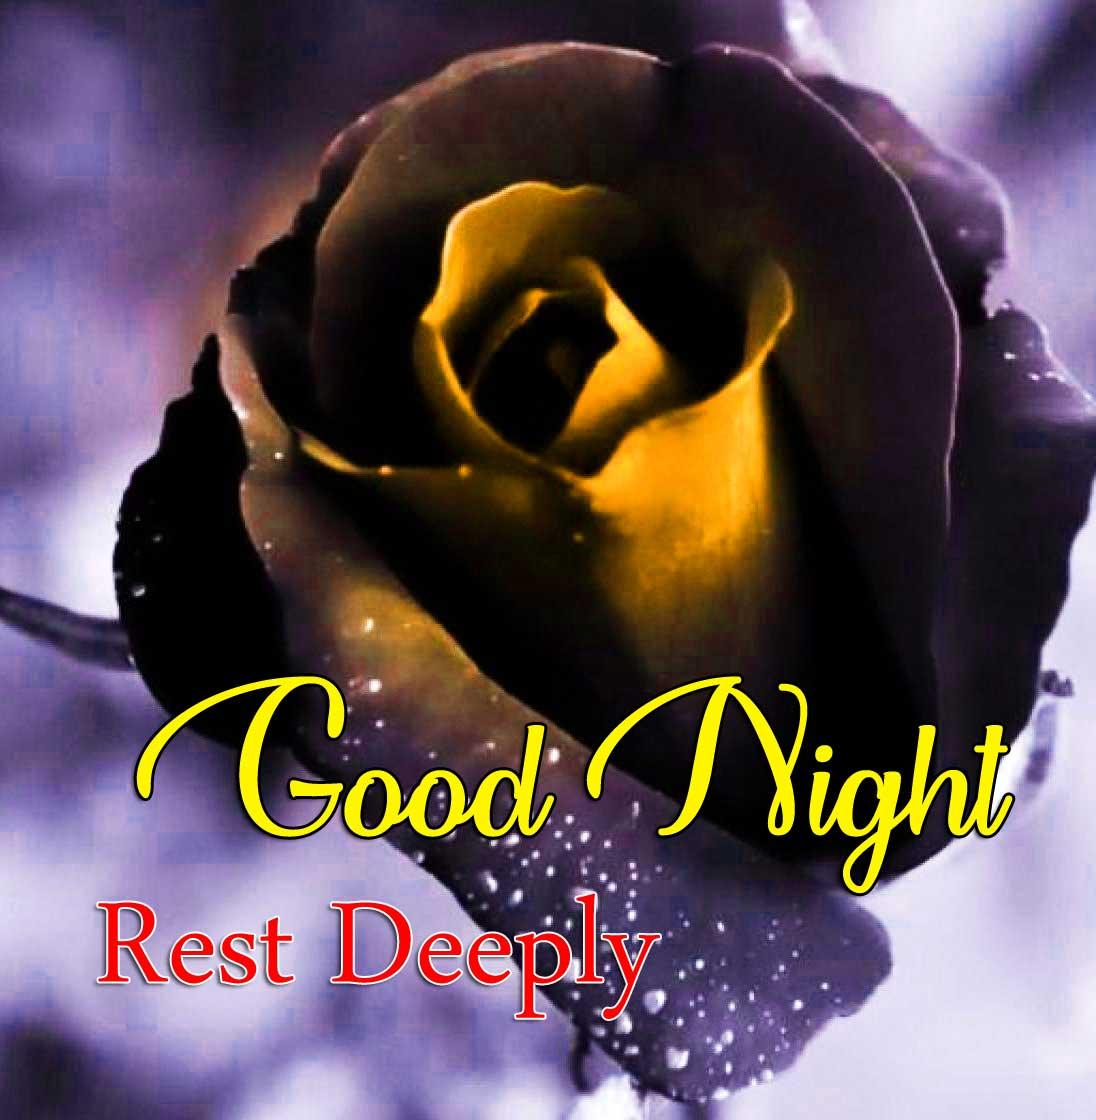 New Good Night Wallpaper Free Hd